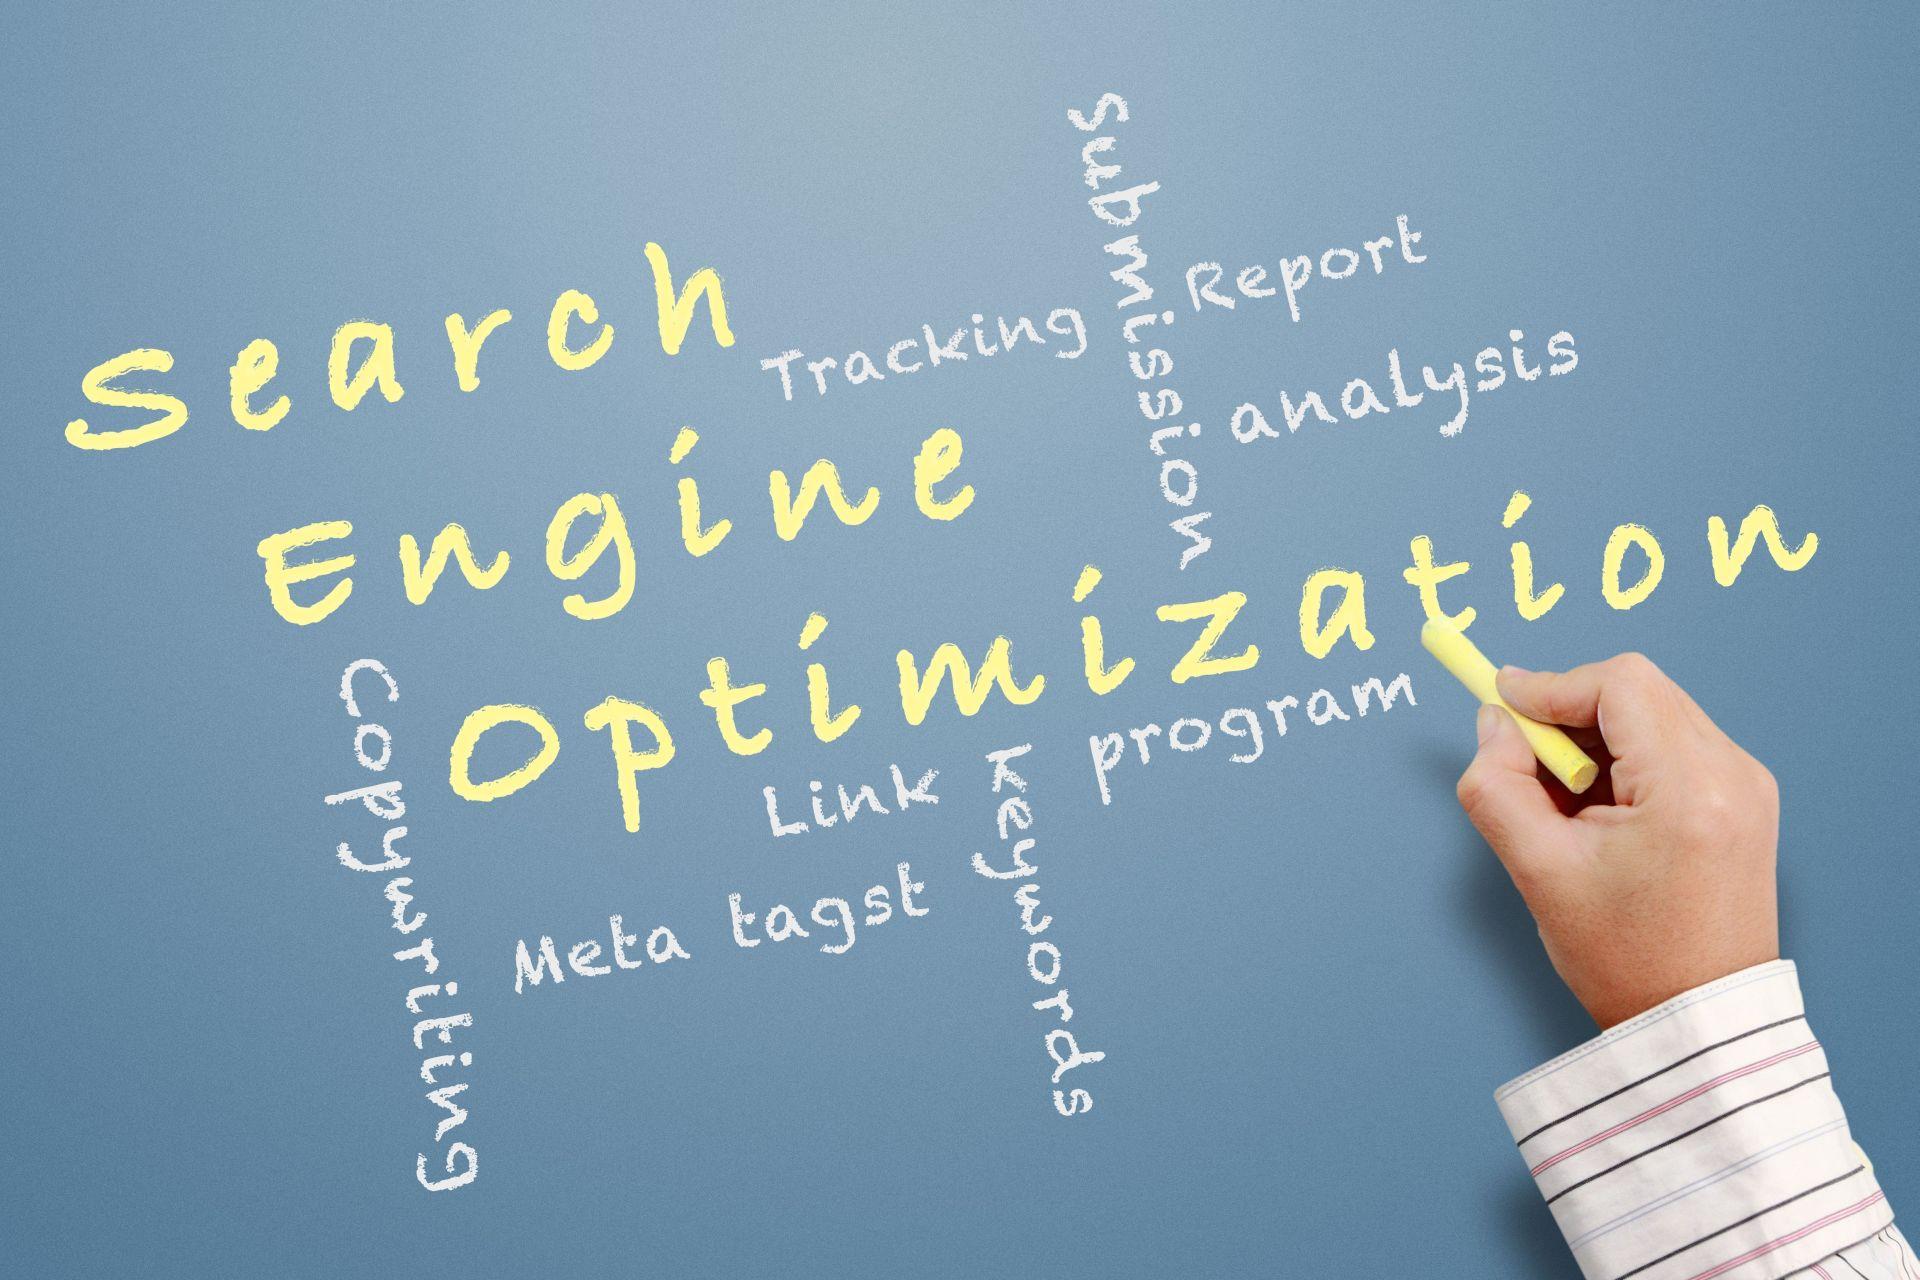 Italy SEO Ranking Factors 2012: quali sono i fattori più rilevanti per il posizionamento?